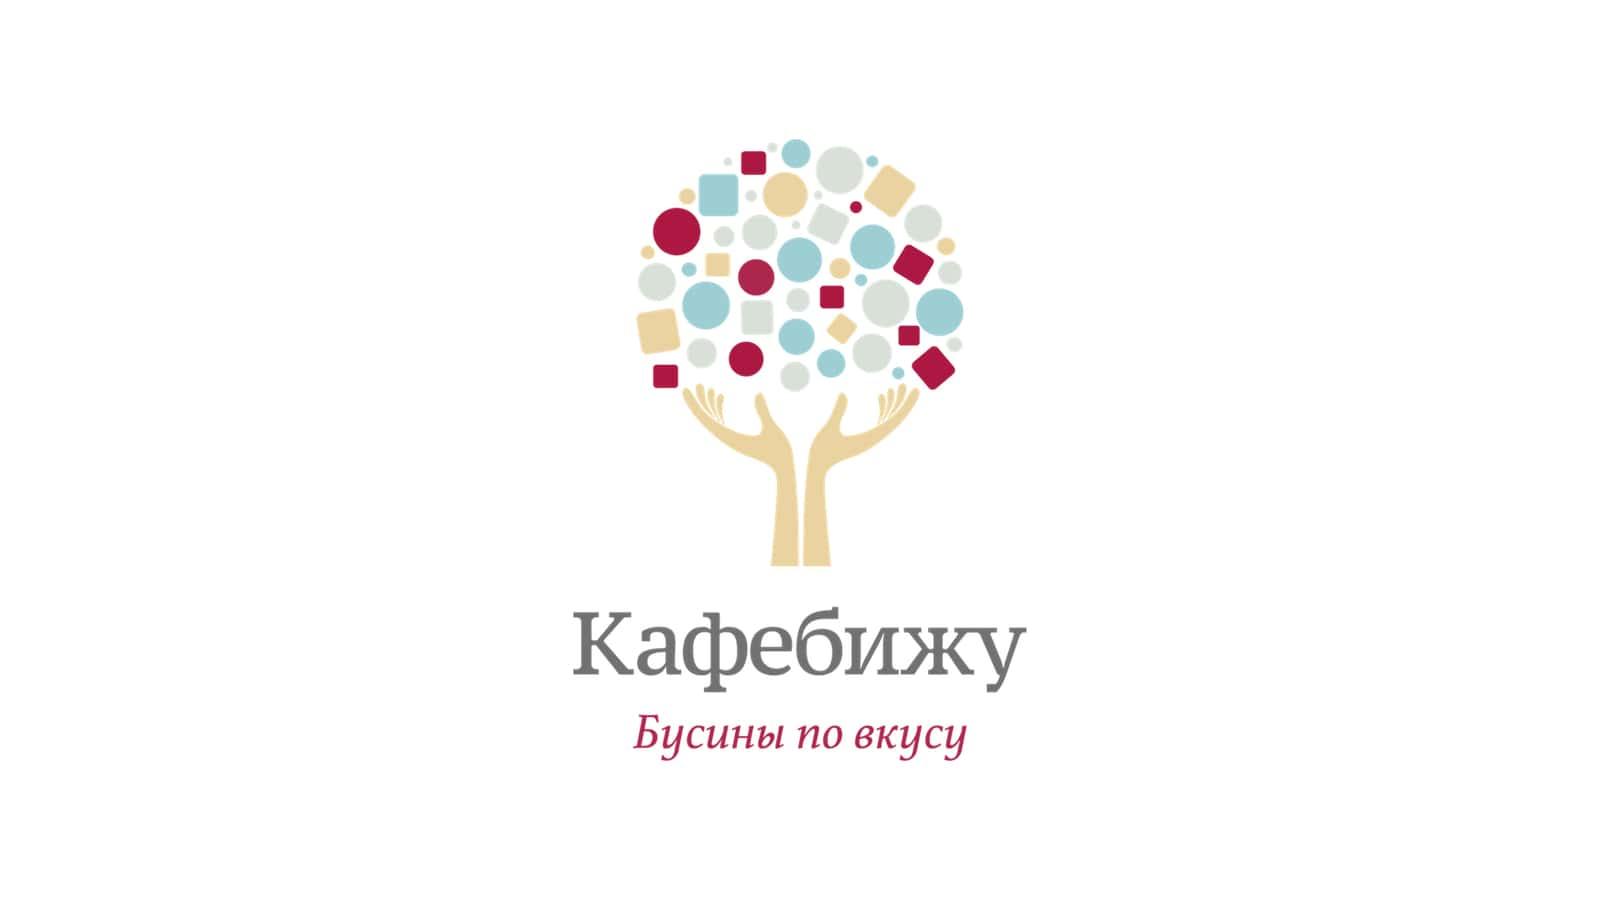 Логотип сети магазинов бусин и фурнитуры Кафебижу. Разработано Релкамным Агенствм Индэво – indevo.ru